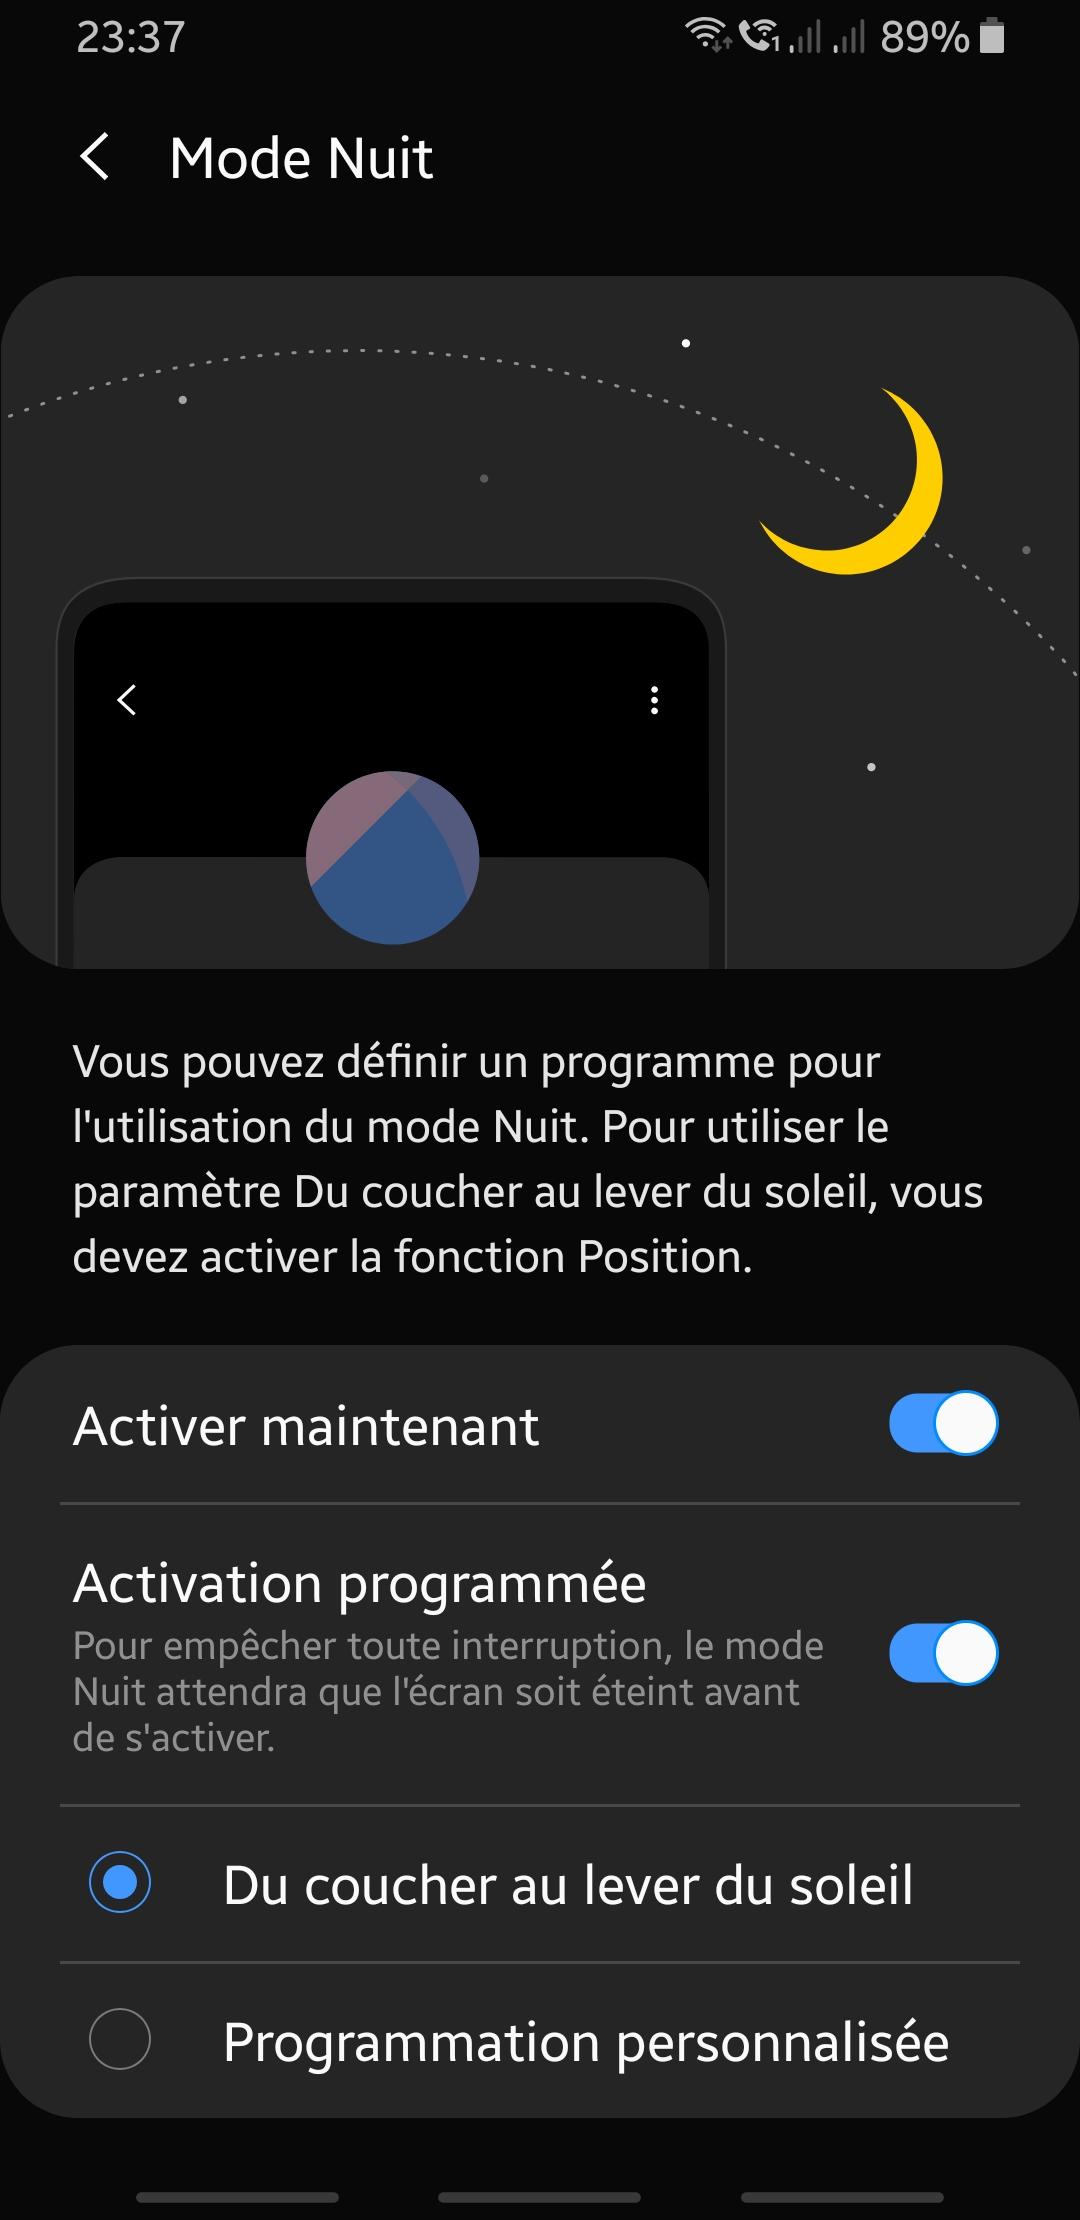 mise à jour S9